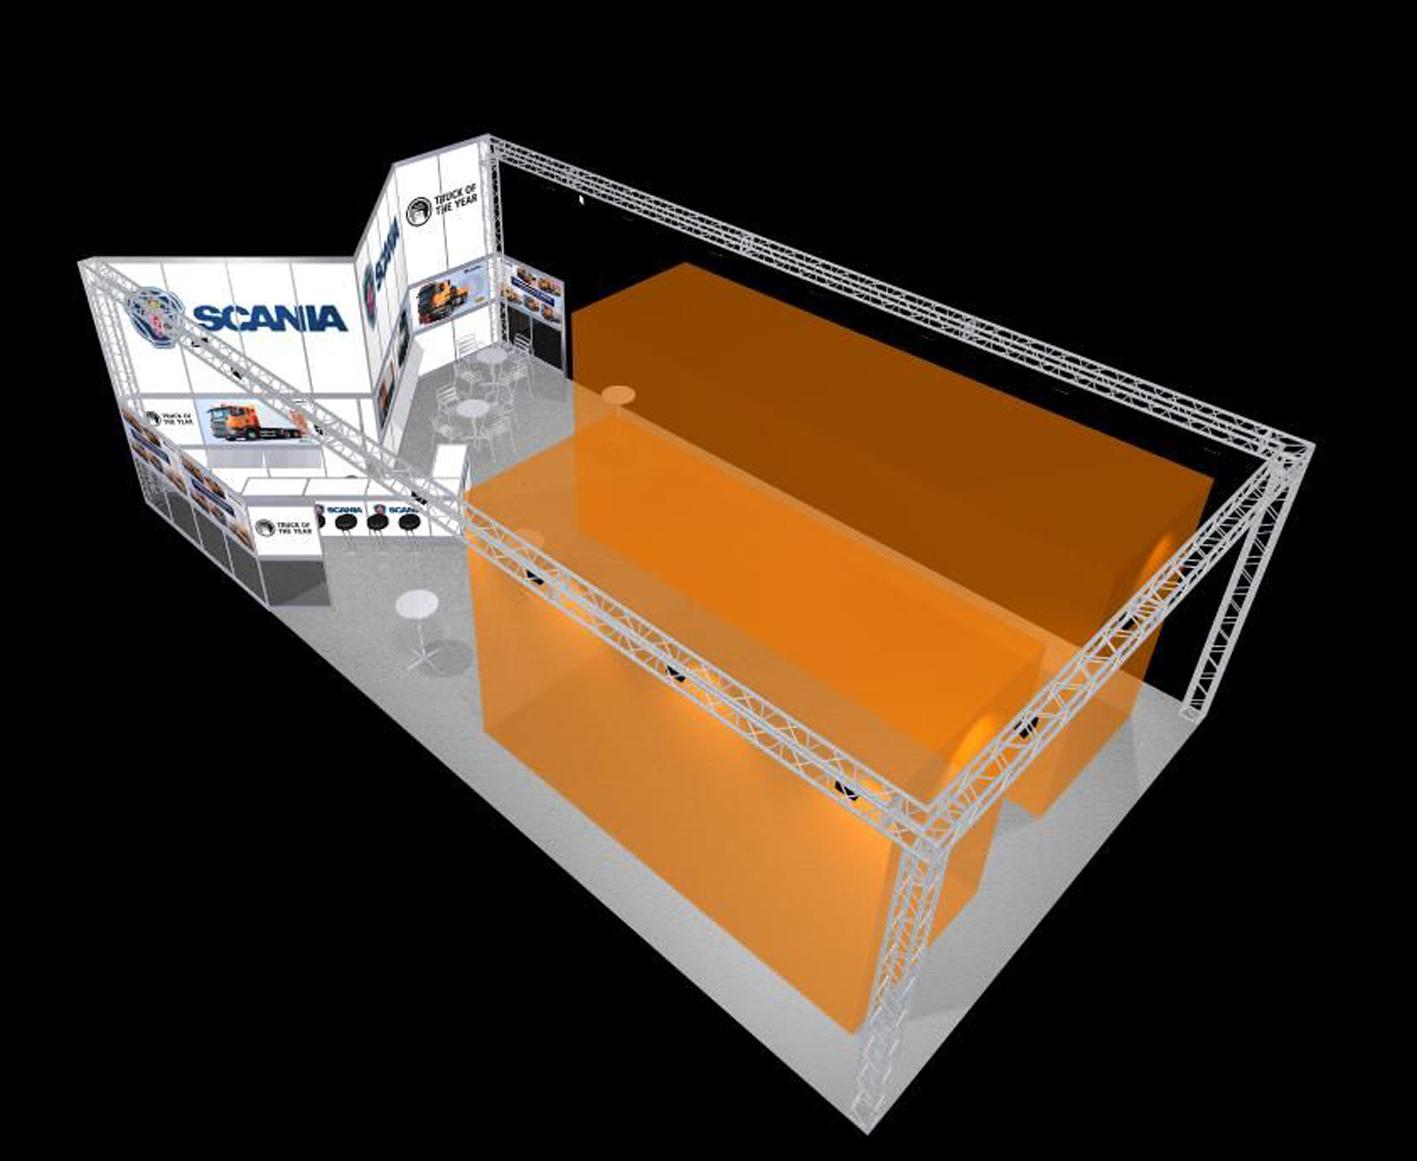 04 Kopfstand mit großer Lagerkoje, Traversen und Platz für LKW, sehr gute Ausleuchtung des gesamten Standes